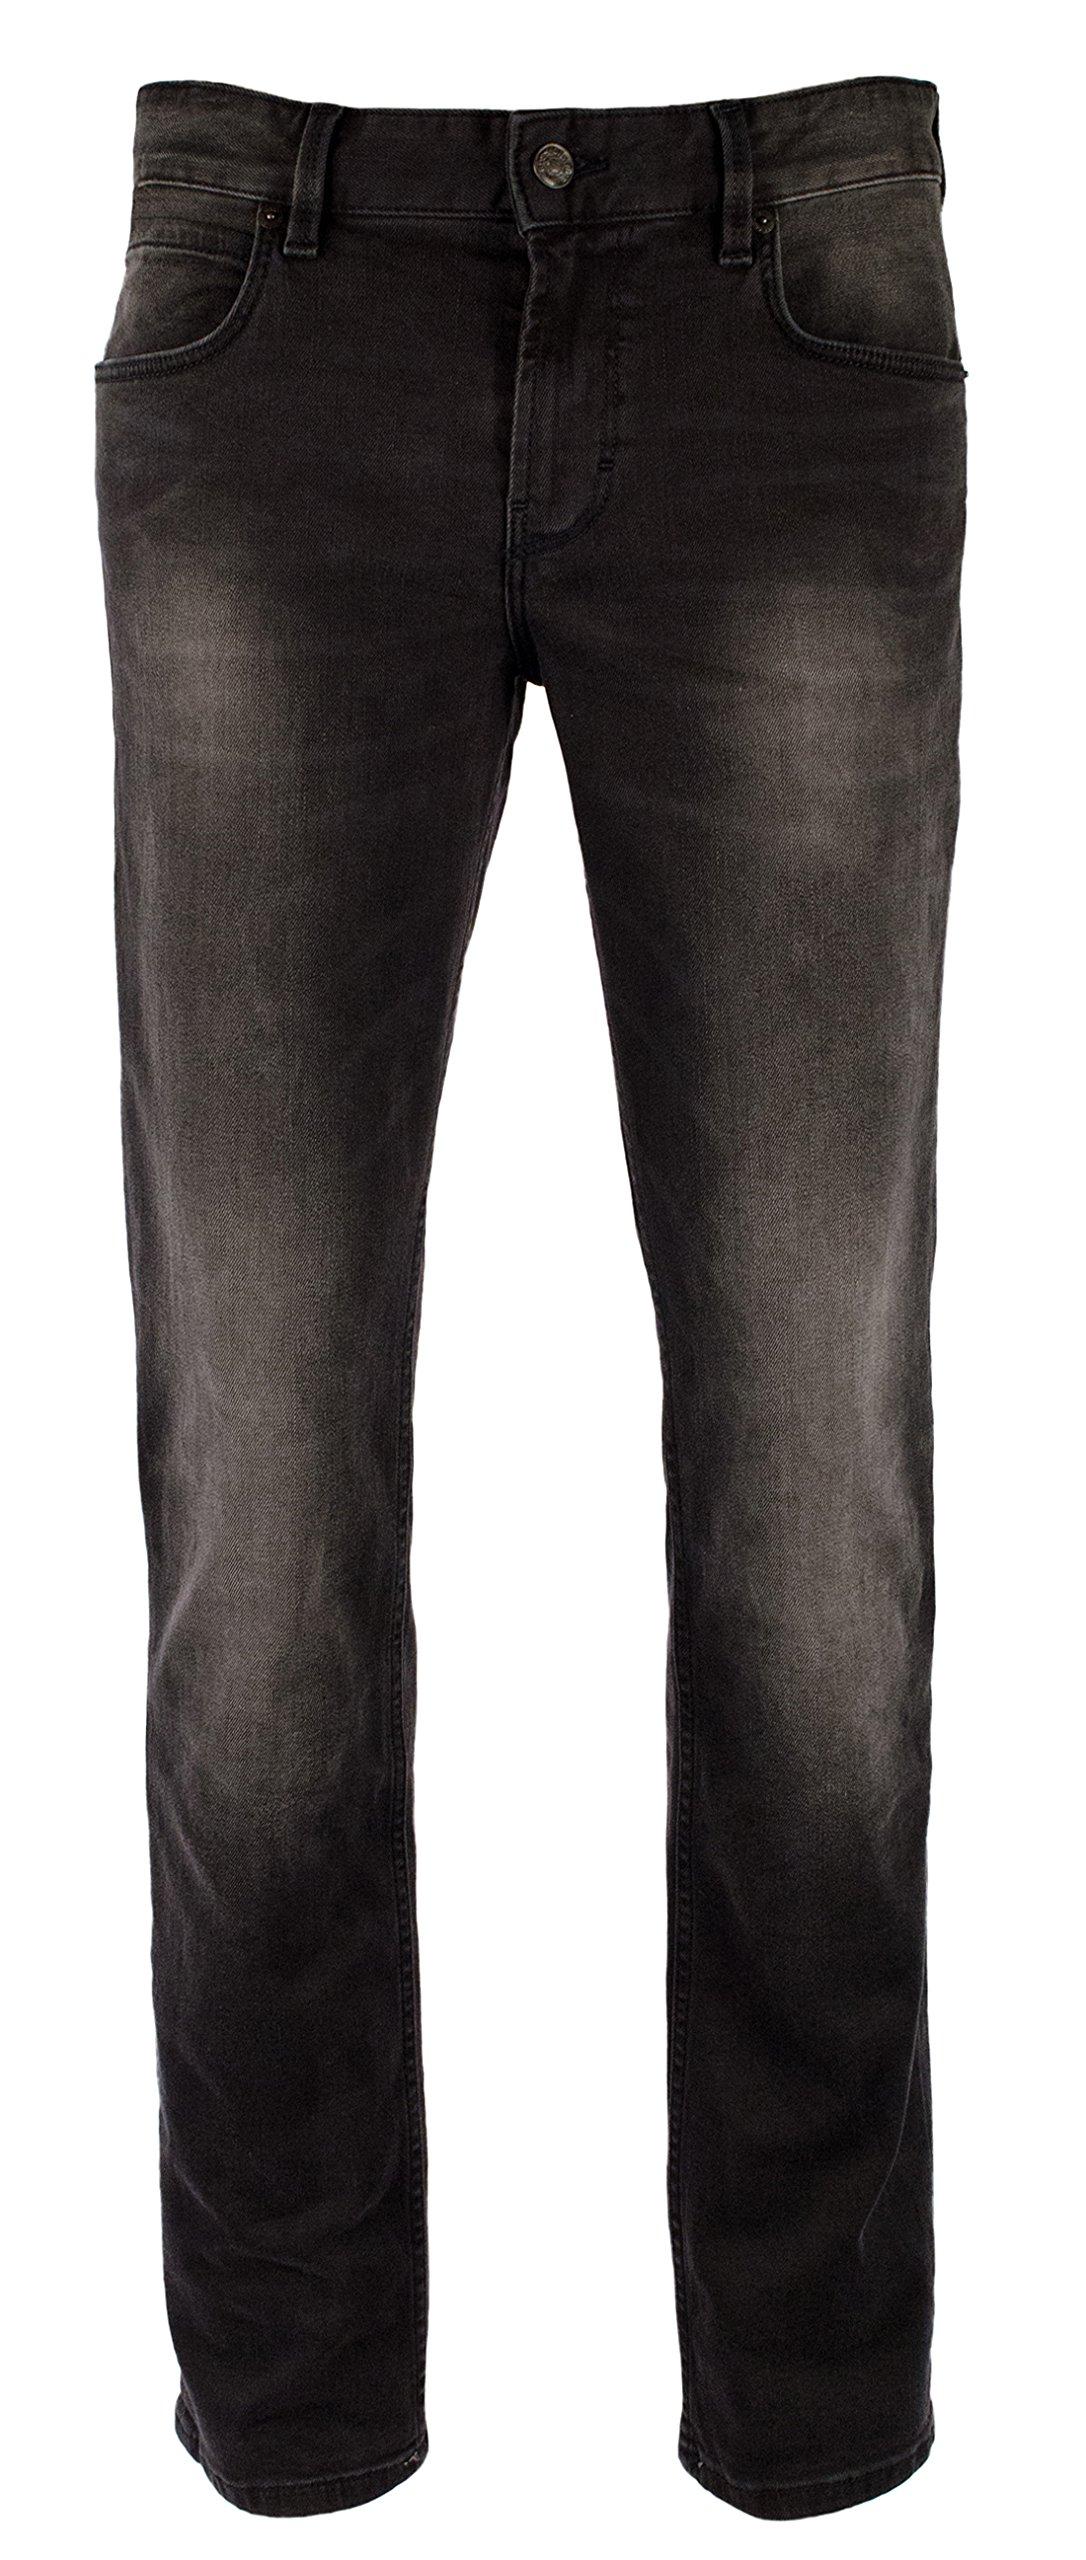 BOSS Orange Men's Orange63 Slim Fit Comfort Jean, Island, 34W x 30L by Hugo Boss